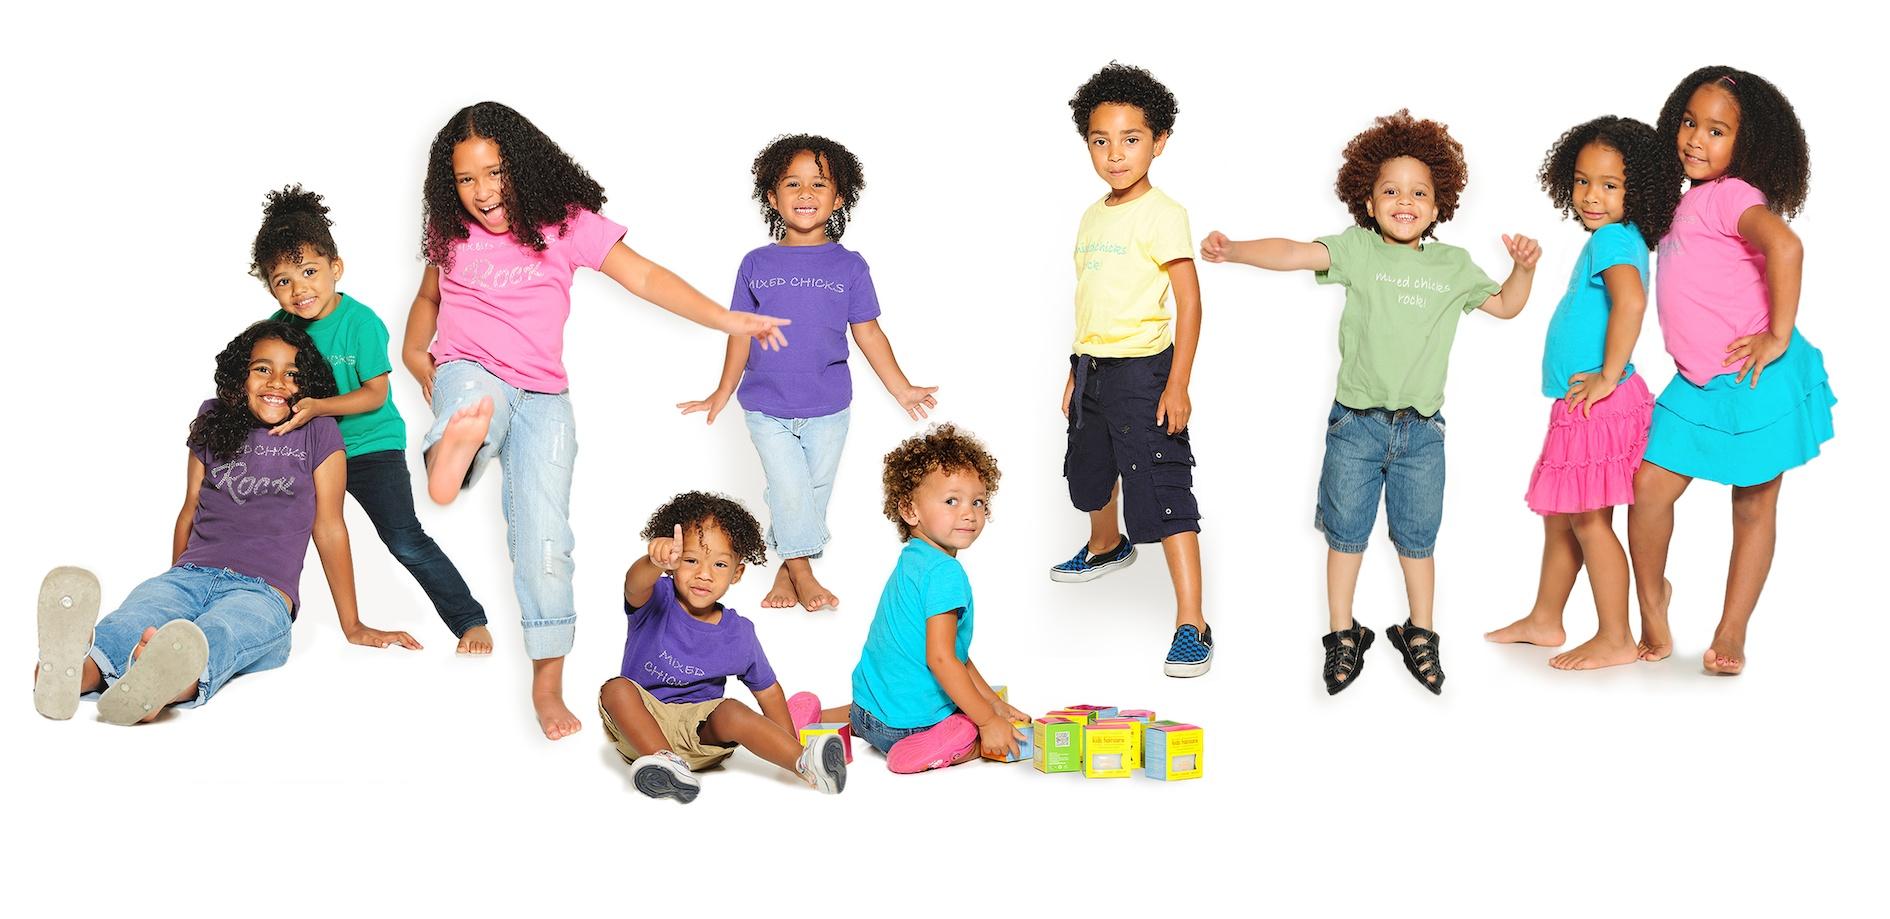 Gender Identity Gender Identity In Kindergarteners